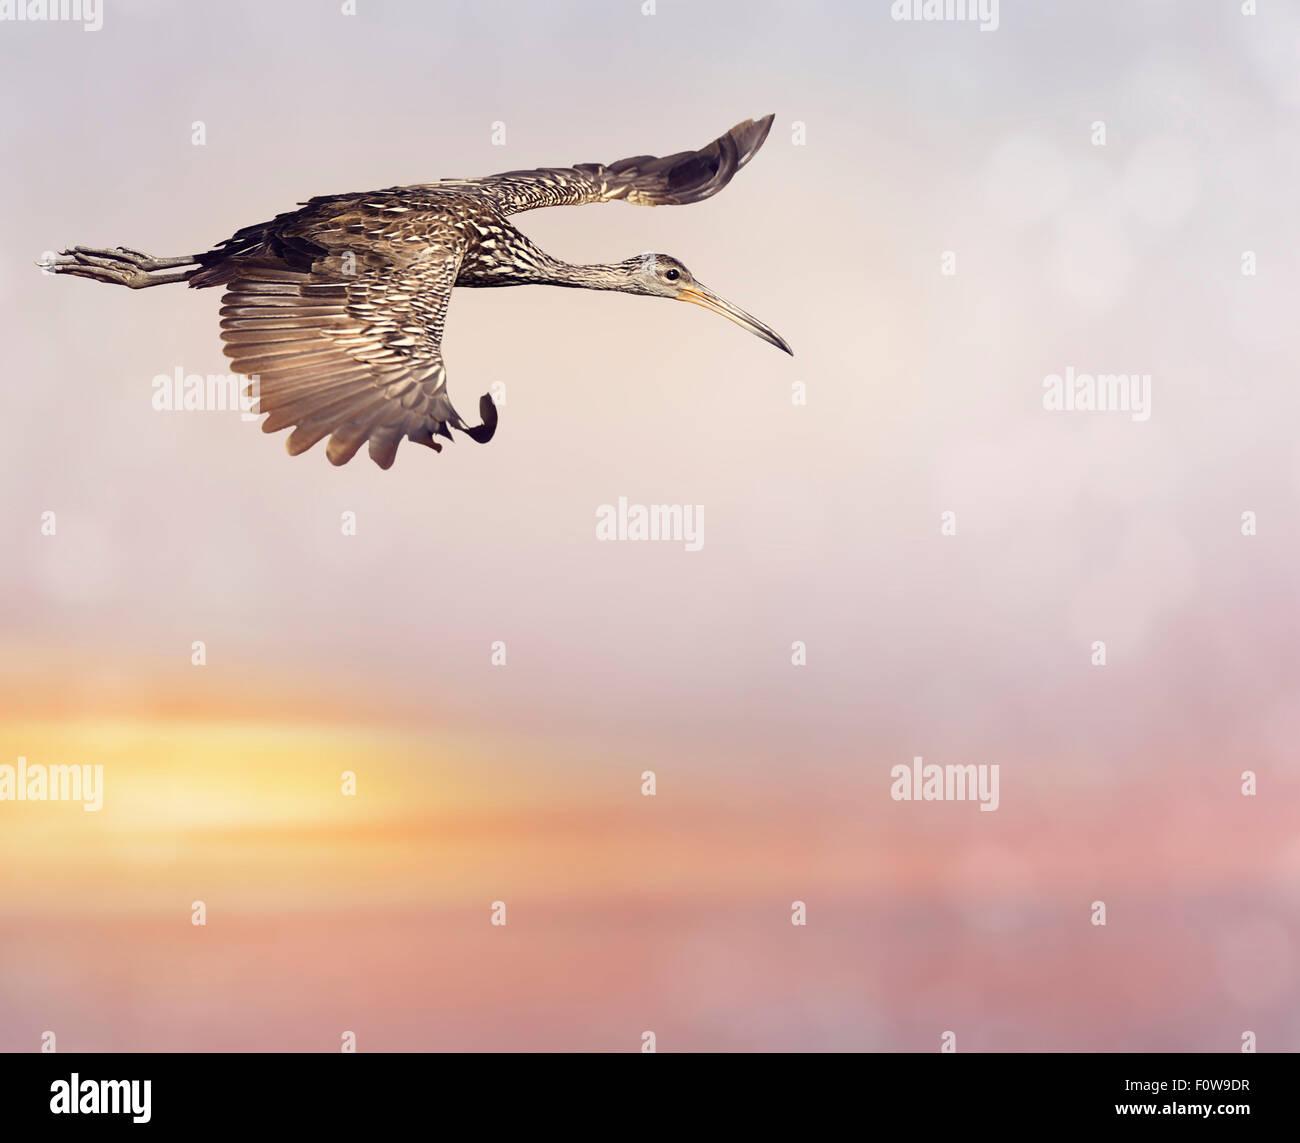 Limpkin Vogel im Flug bei Sonnenuntergang Stockbild